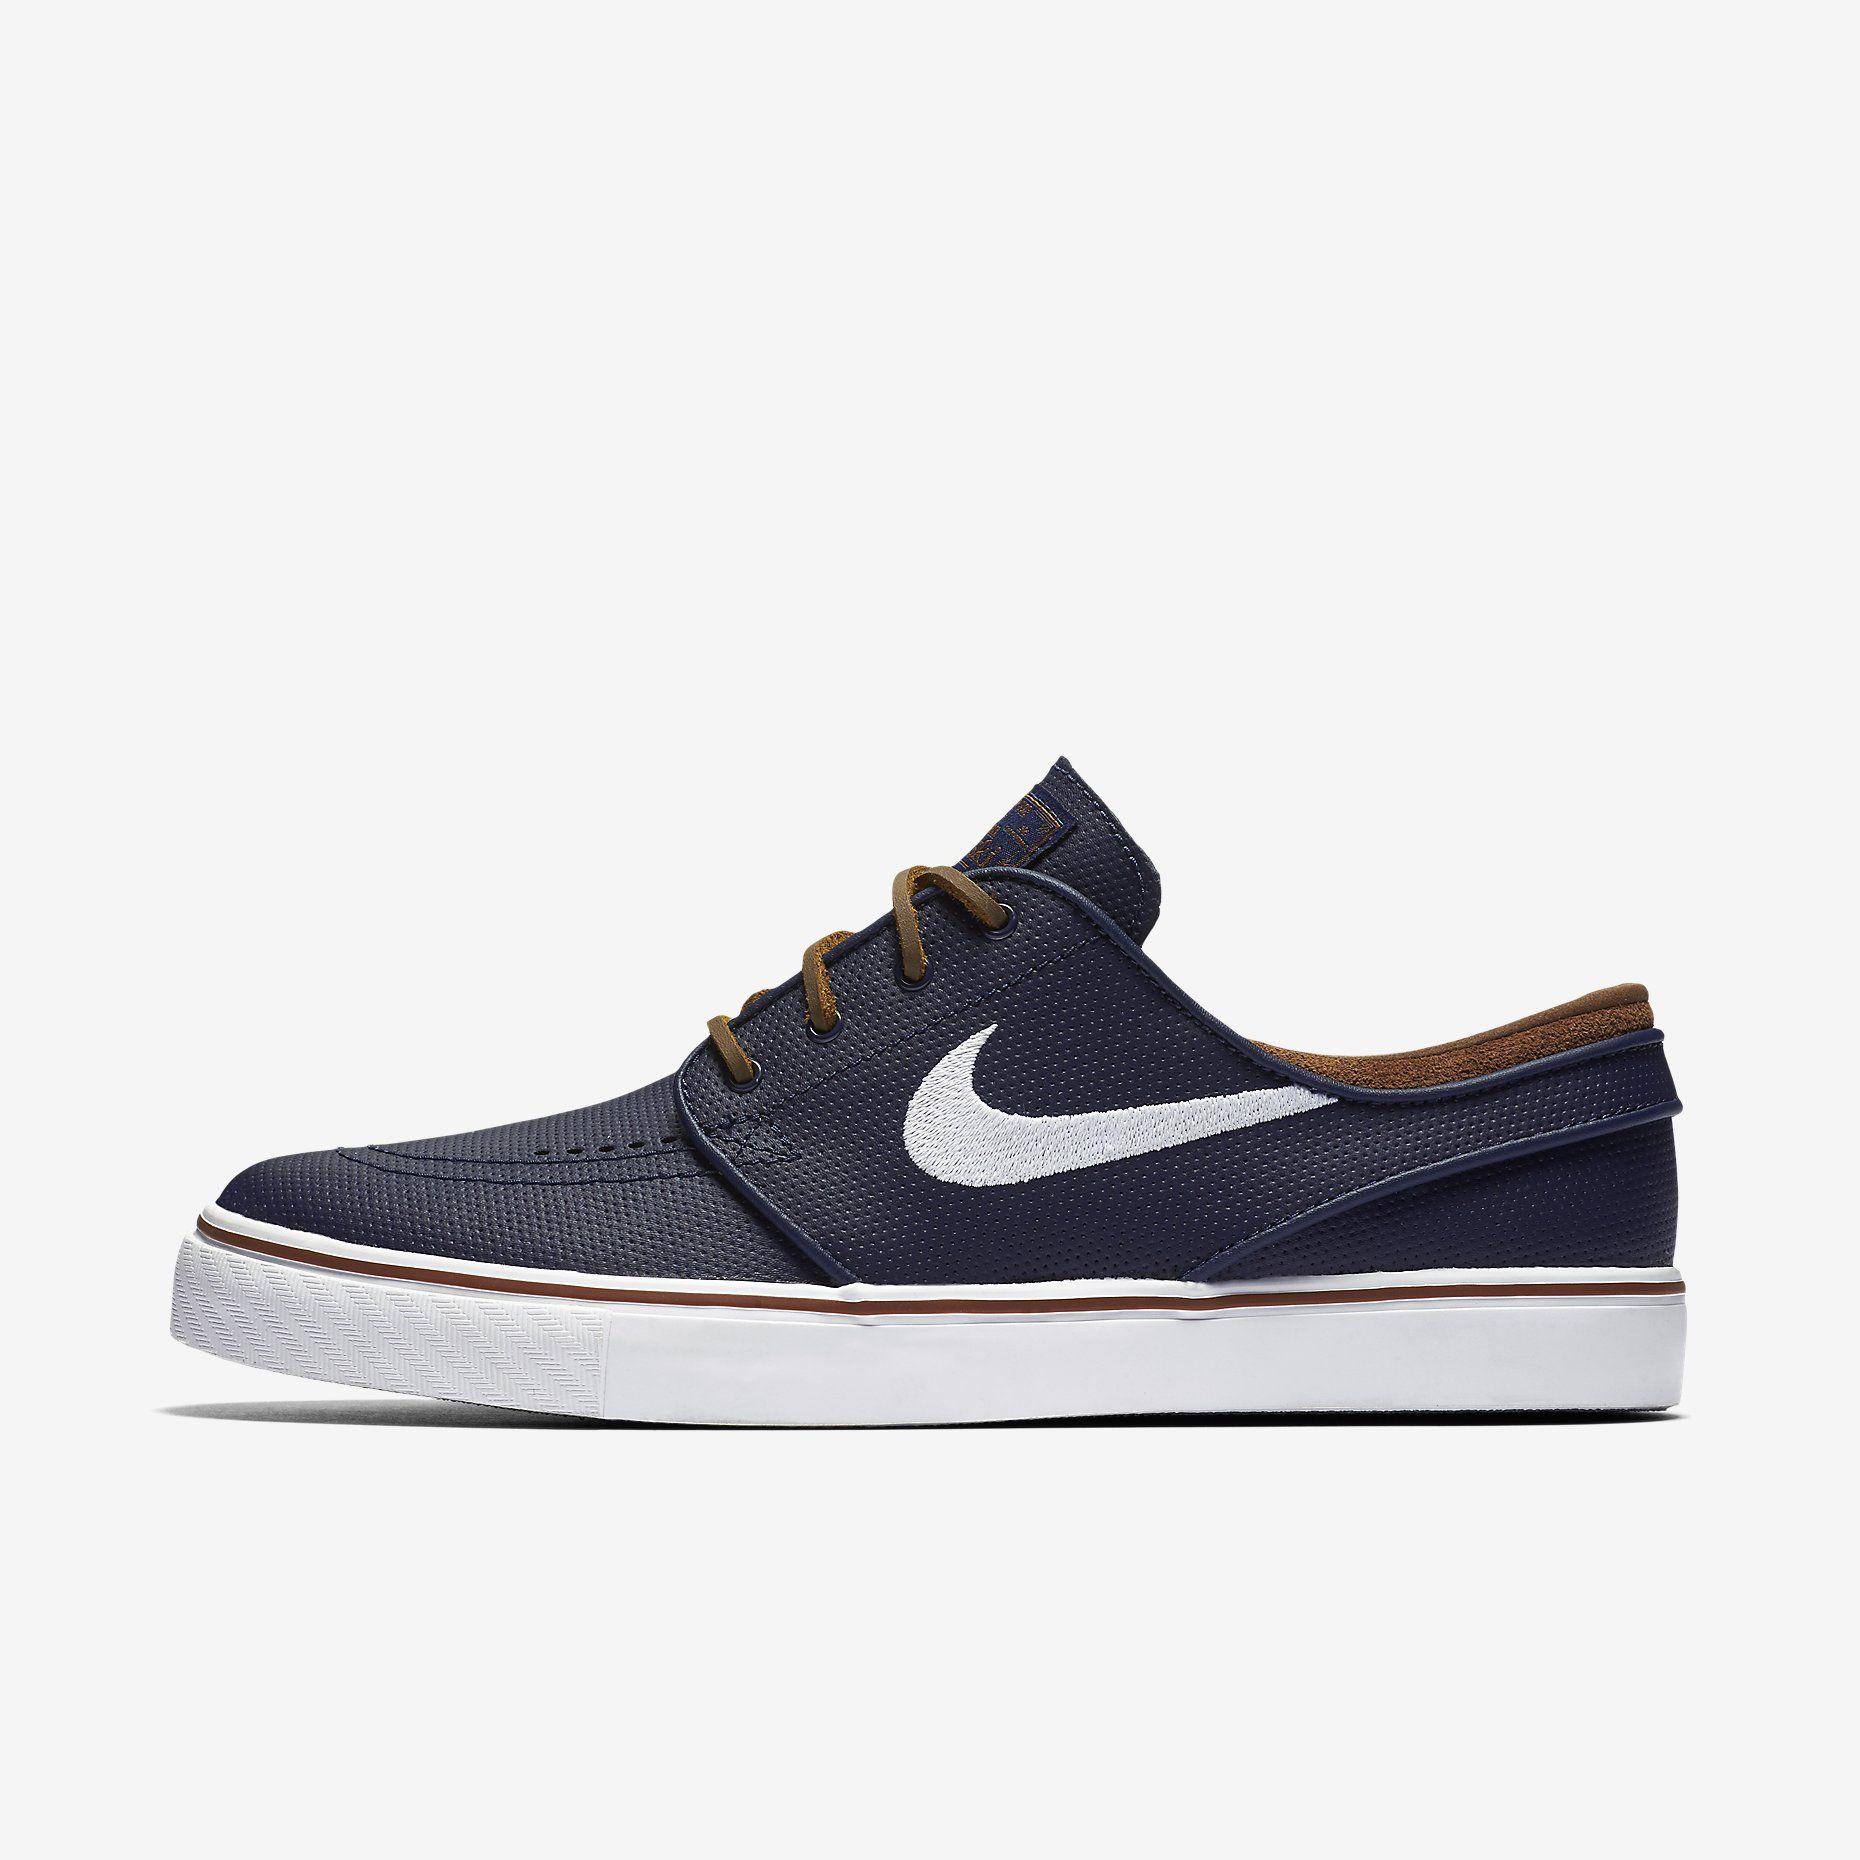 Nike SB Zoom Stefan Janoski OG Men's Skateboarding Shoe Obsidian/Rustic/White/White